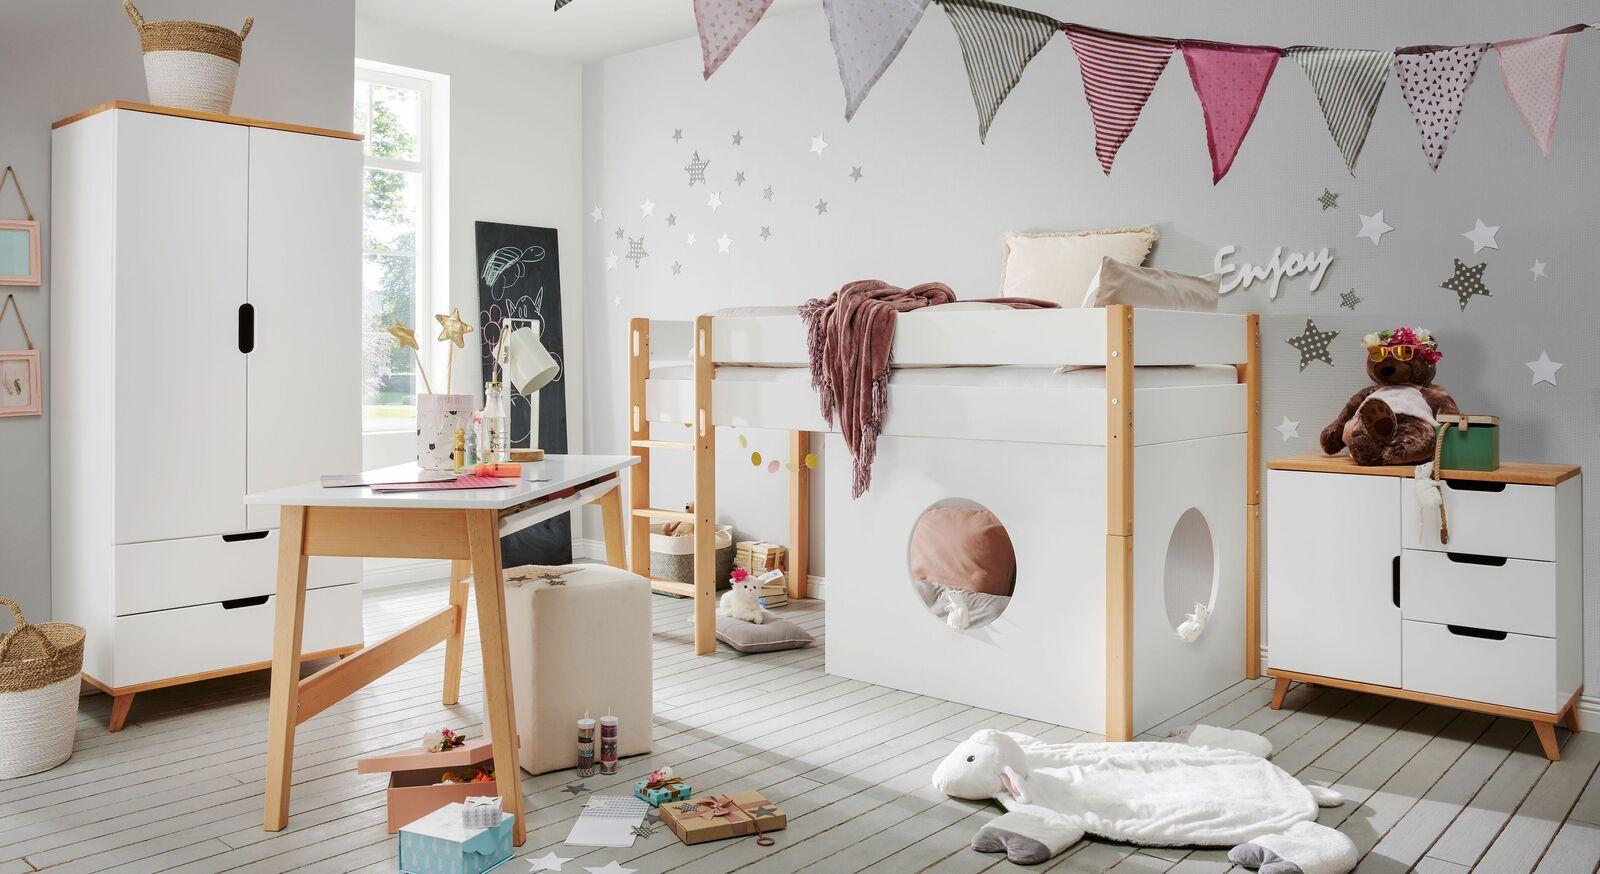 Mini-Hochbett Kids Nordic Grils mit passenden Beimöbeln